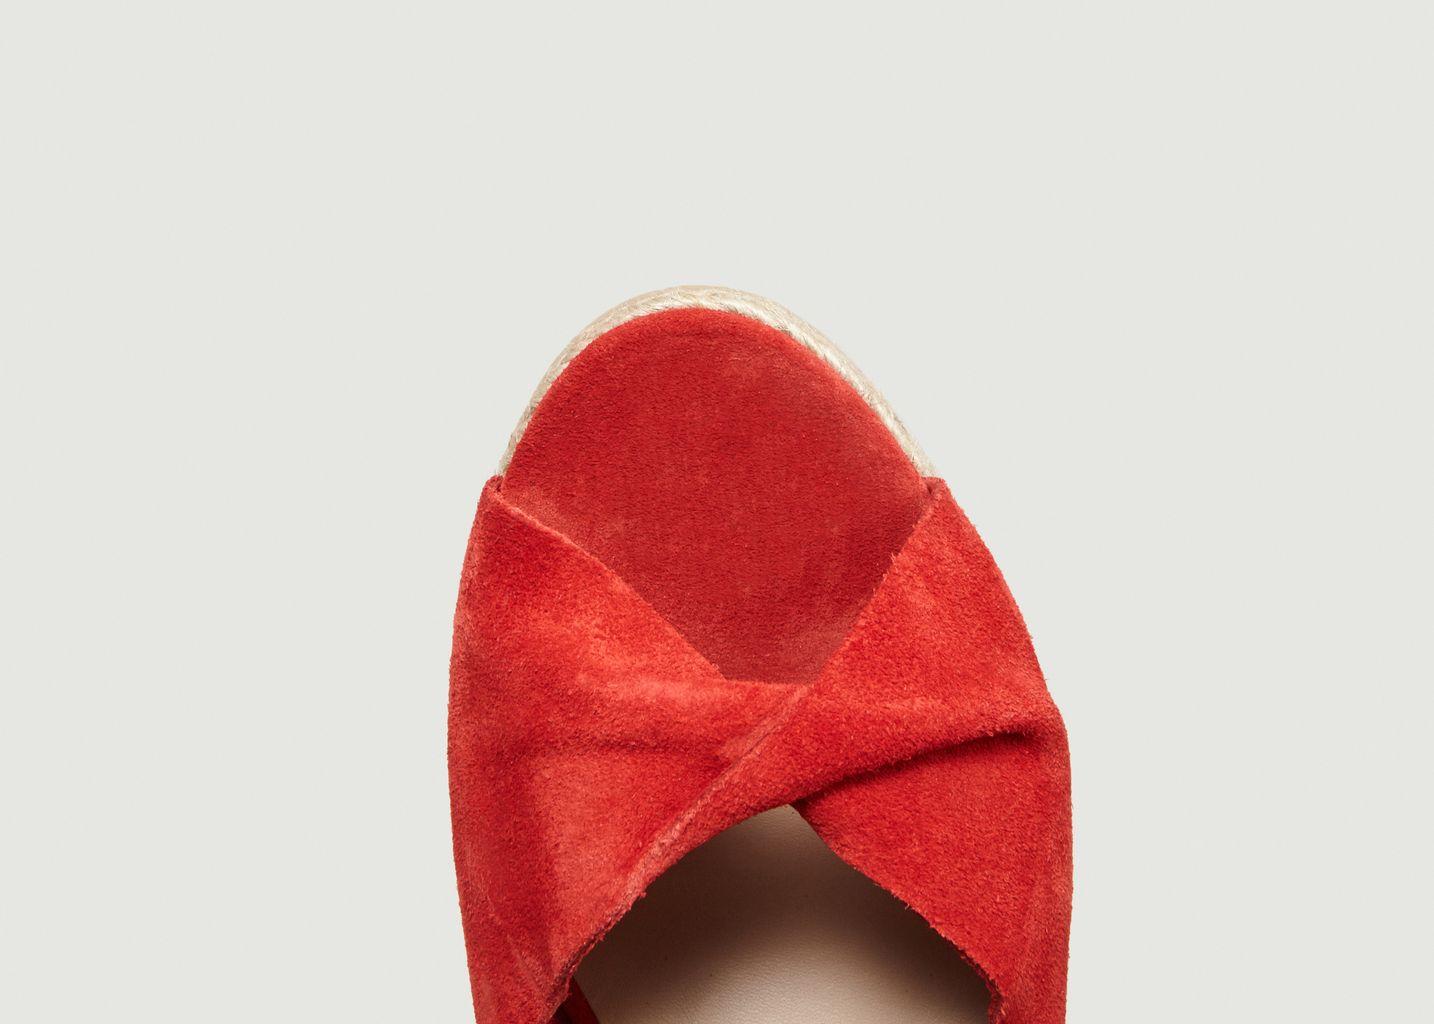 Sandales Compensées En Nubuck Pensive - Bobbies Paris